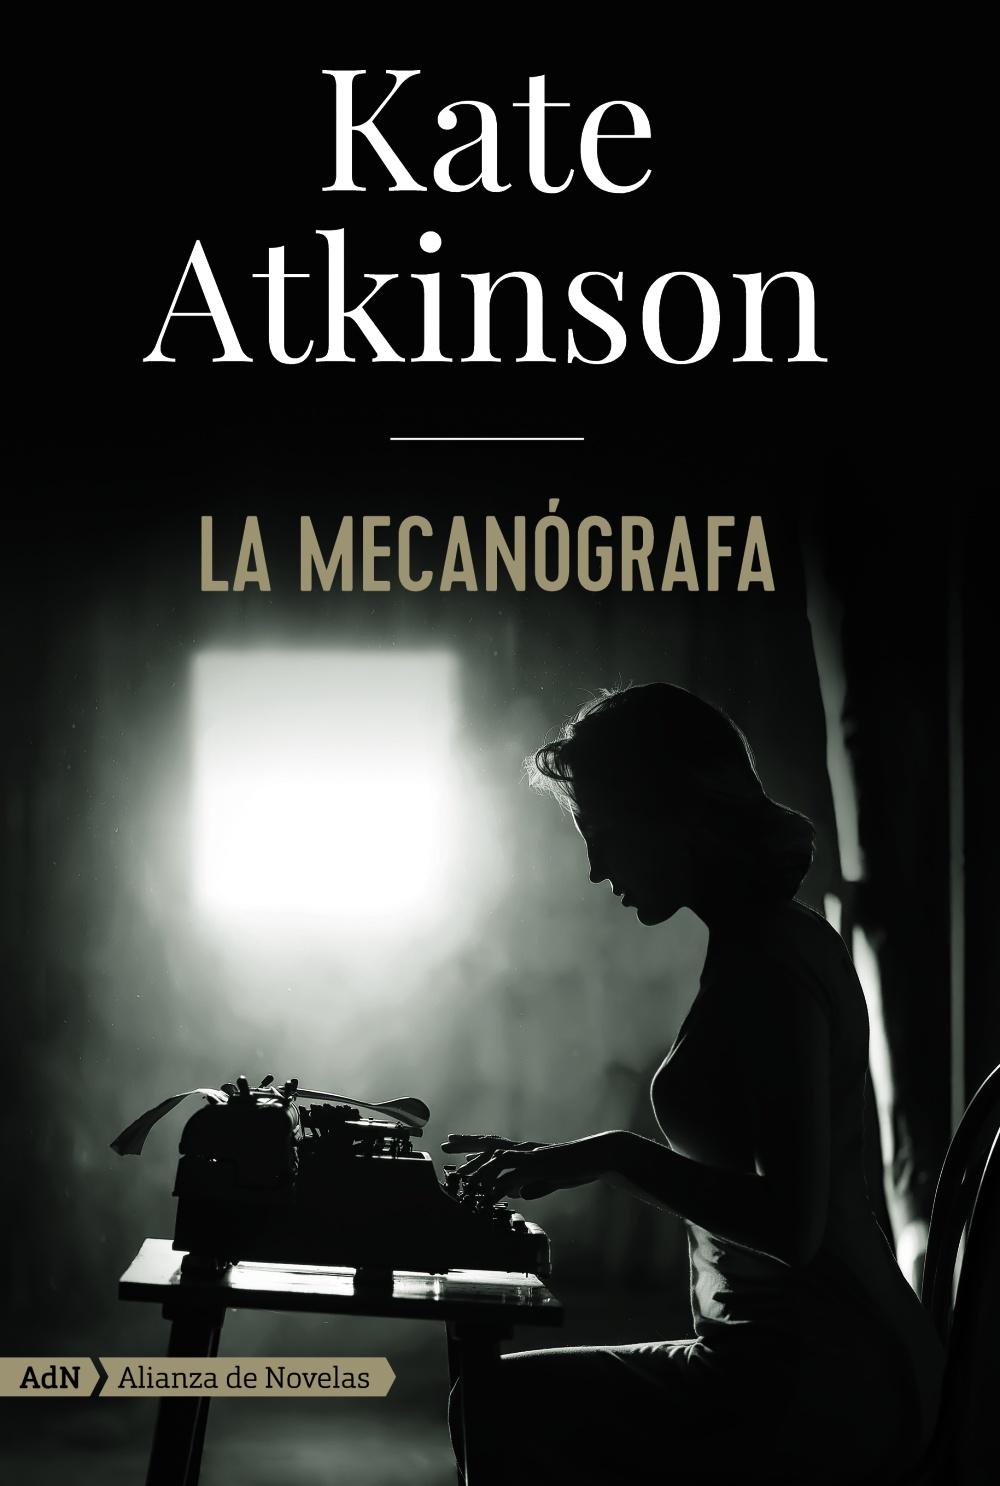 https://www.alianzaeditorial.es/libro/adn-alianza-de-novelas/la-mecanografa-adn-kate-atkinson-9788491814405/